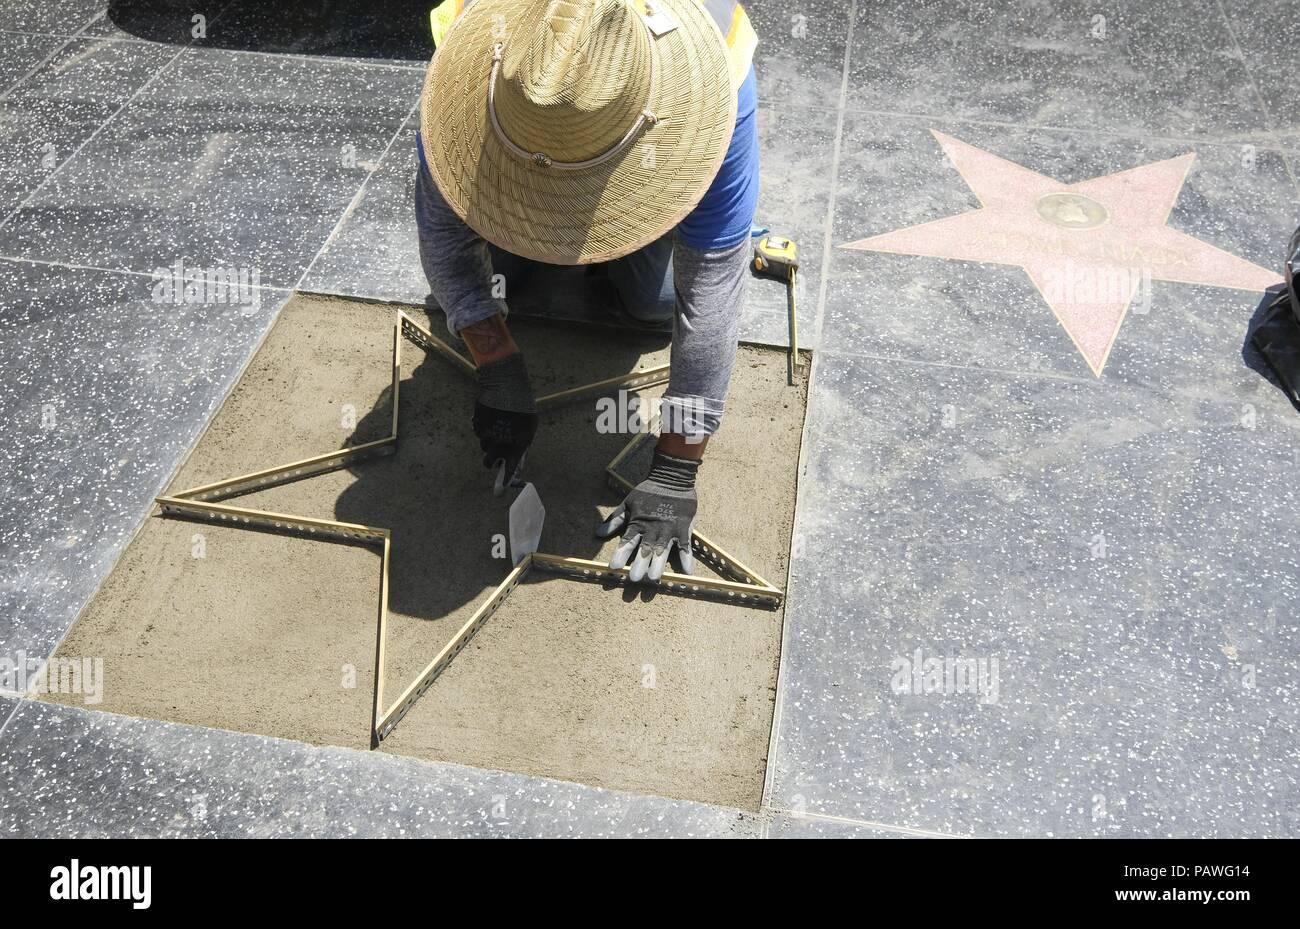 Donald Trumps Star On Hollywood Stock Photos & Donald Trumps